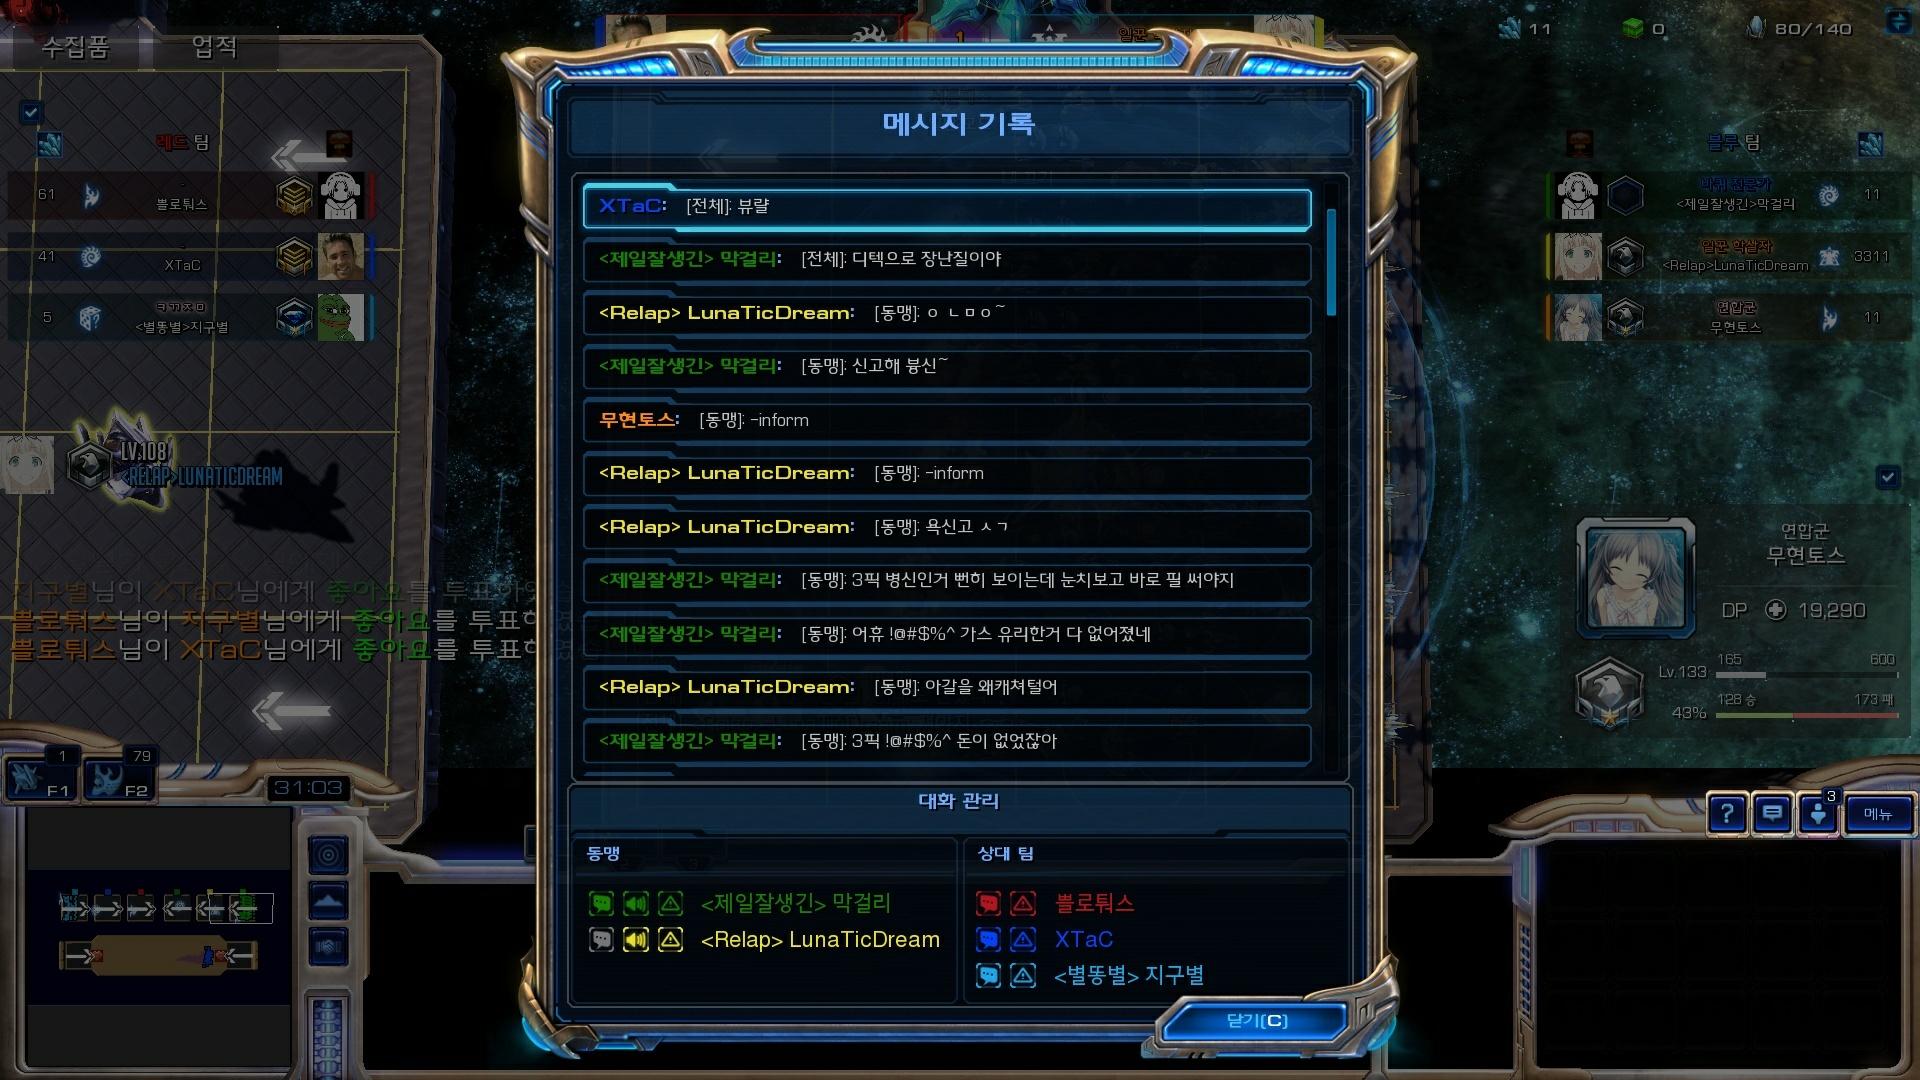 Screenshot2021-04-19 23_34_37.jpg